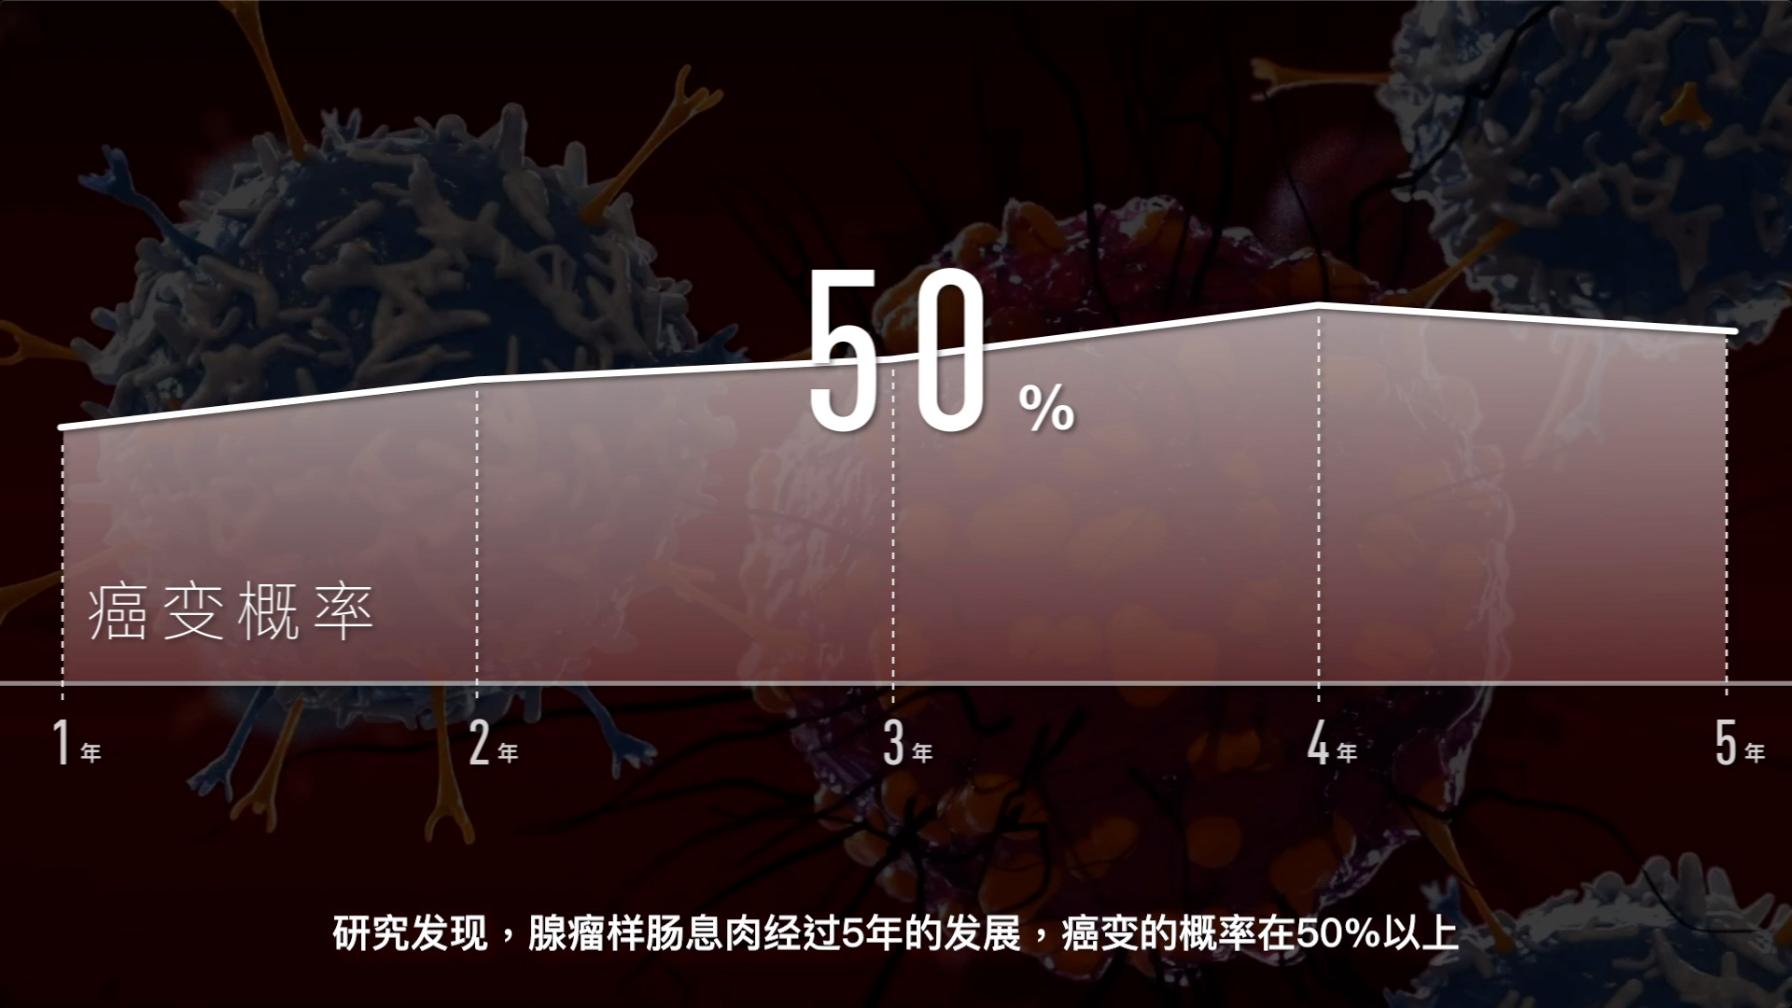 大肠腺瘤型息肉癌变概率